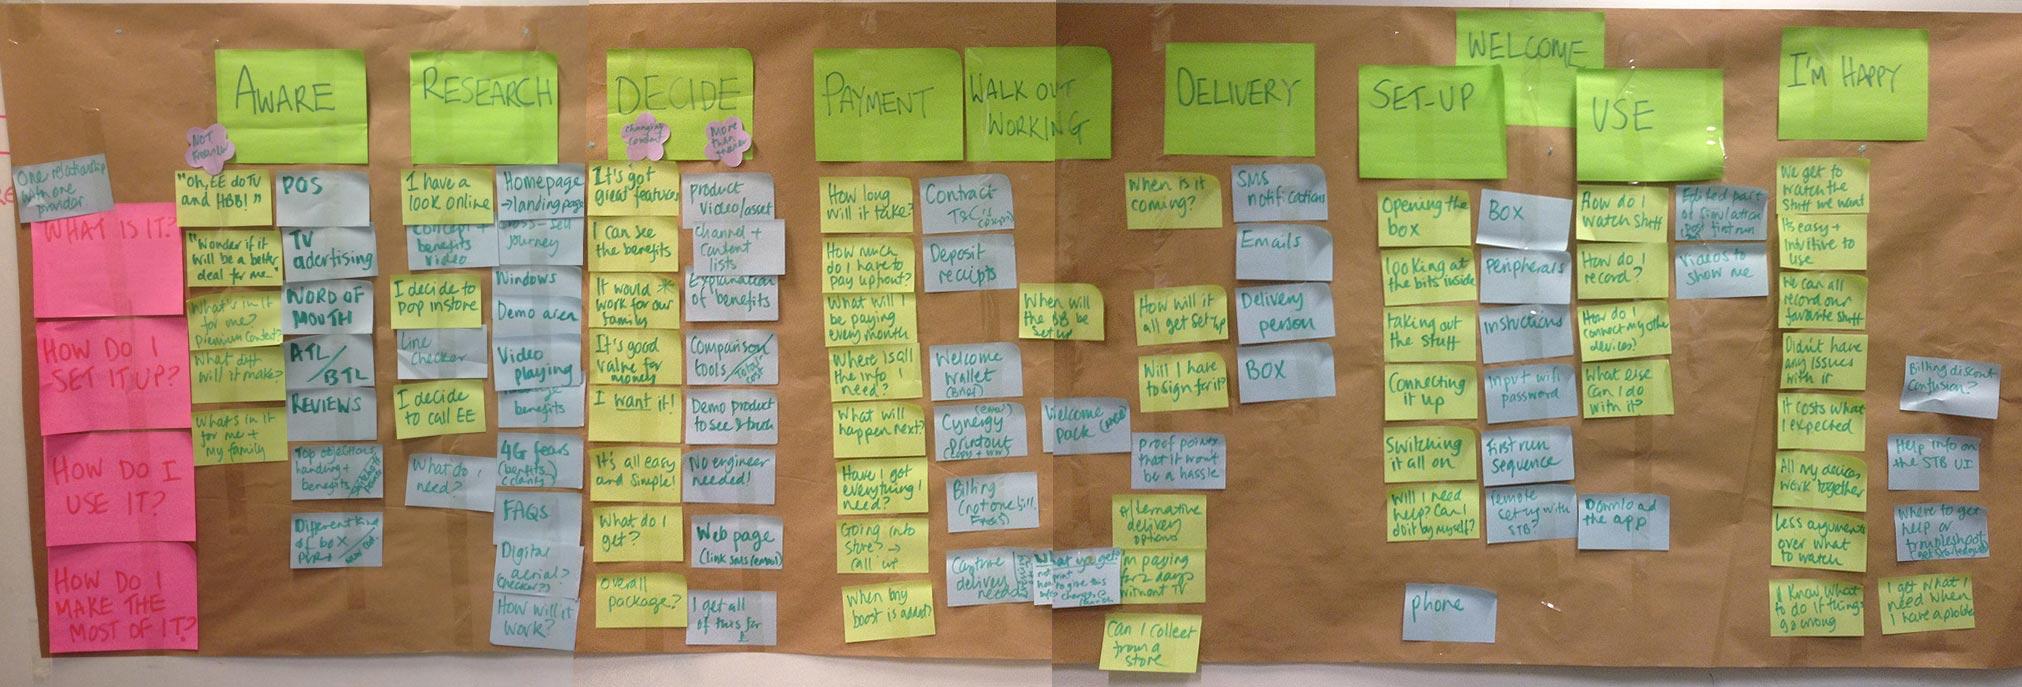 Workshop to understand customer purchase concerns